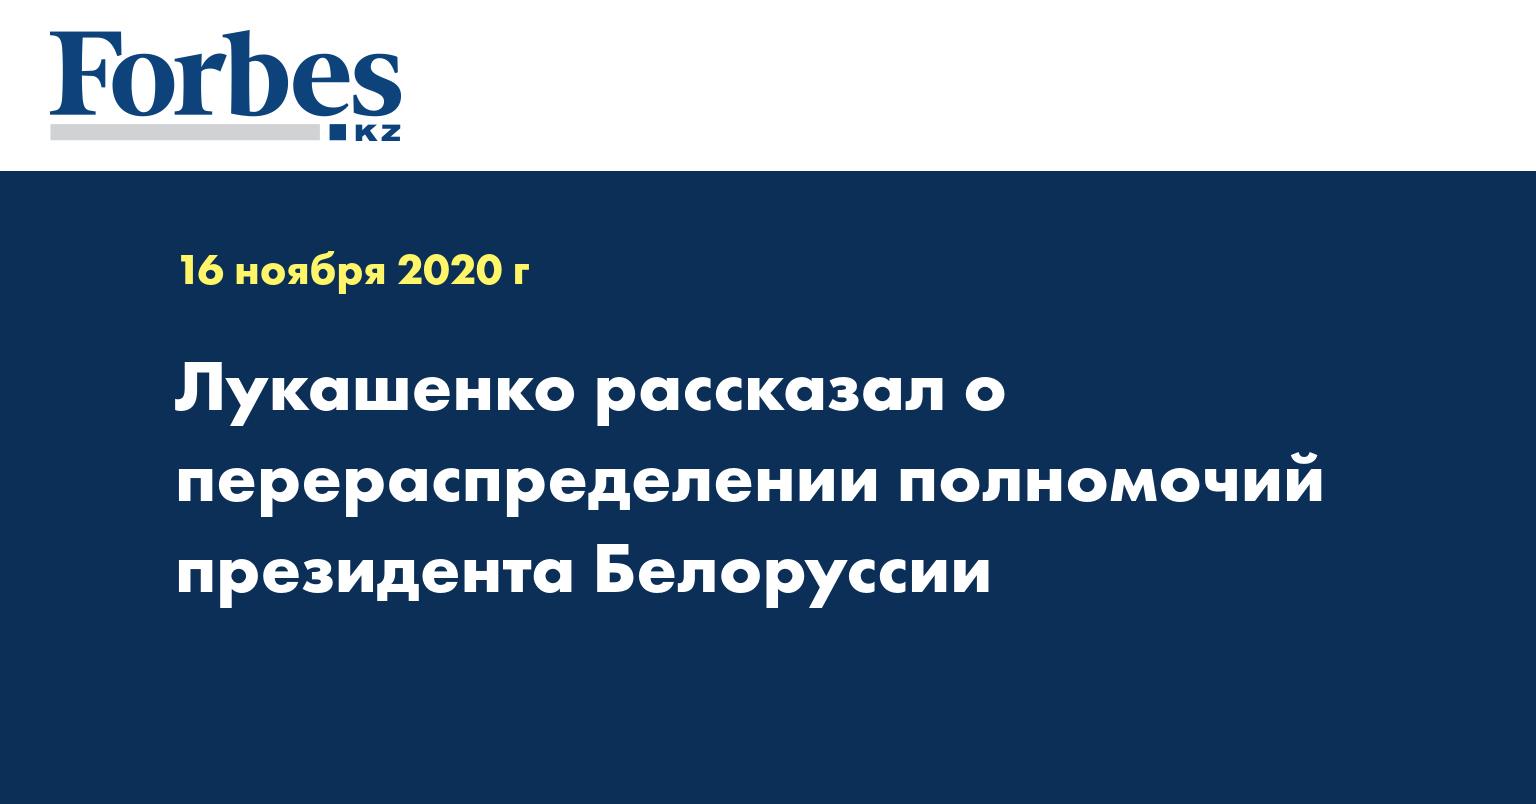 Лукашенко рассказал о перераспределении полномочий президента Беларуси